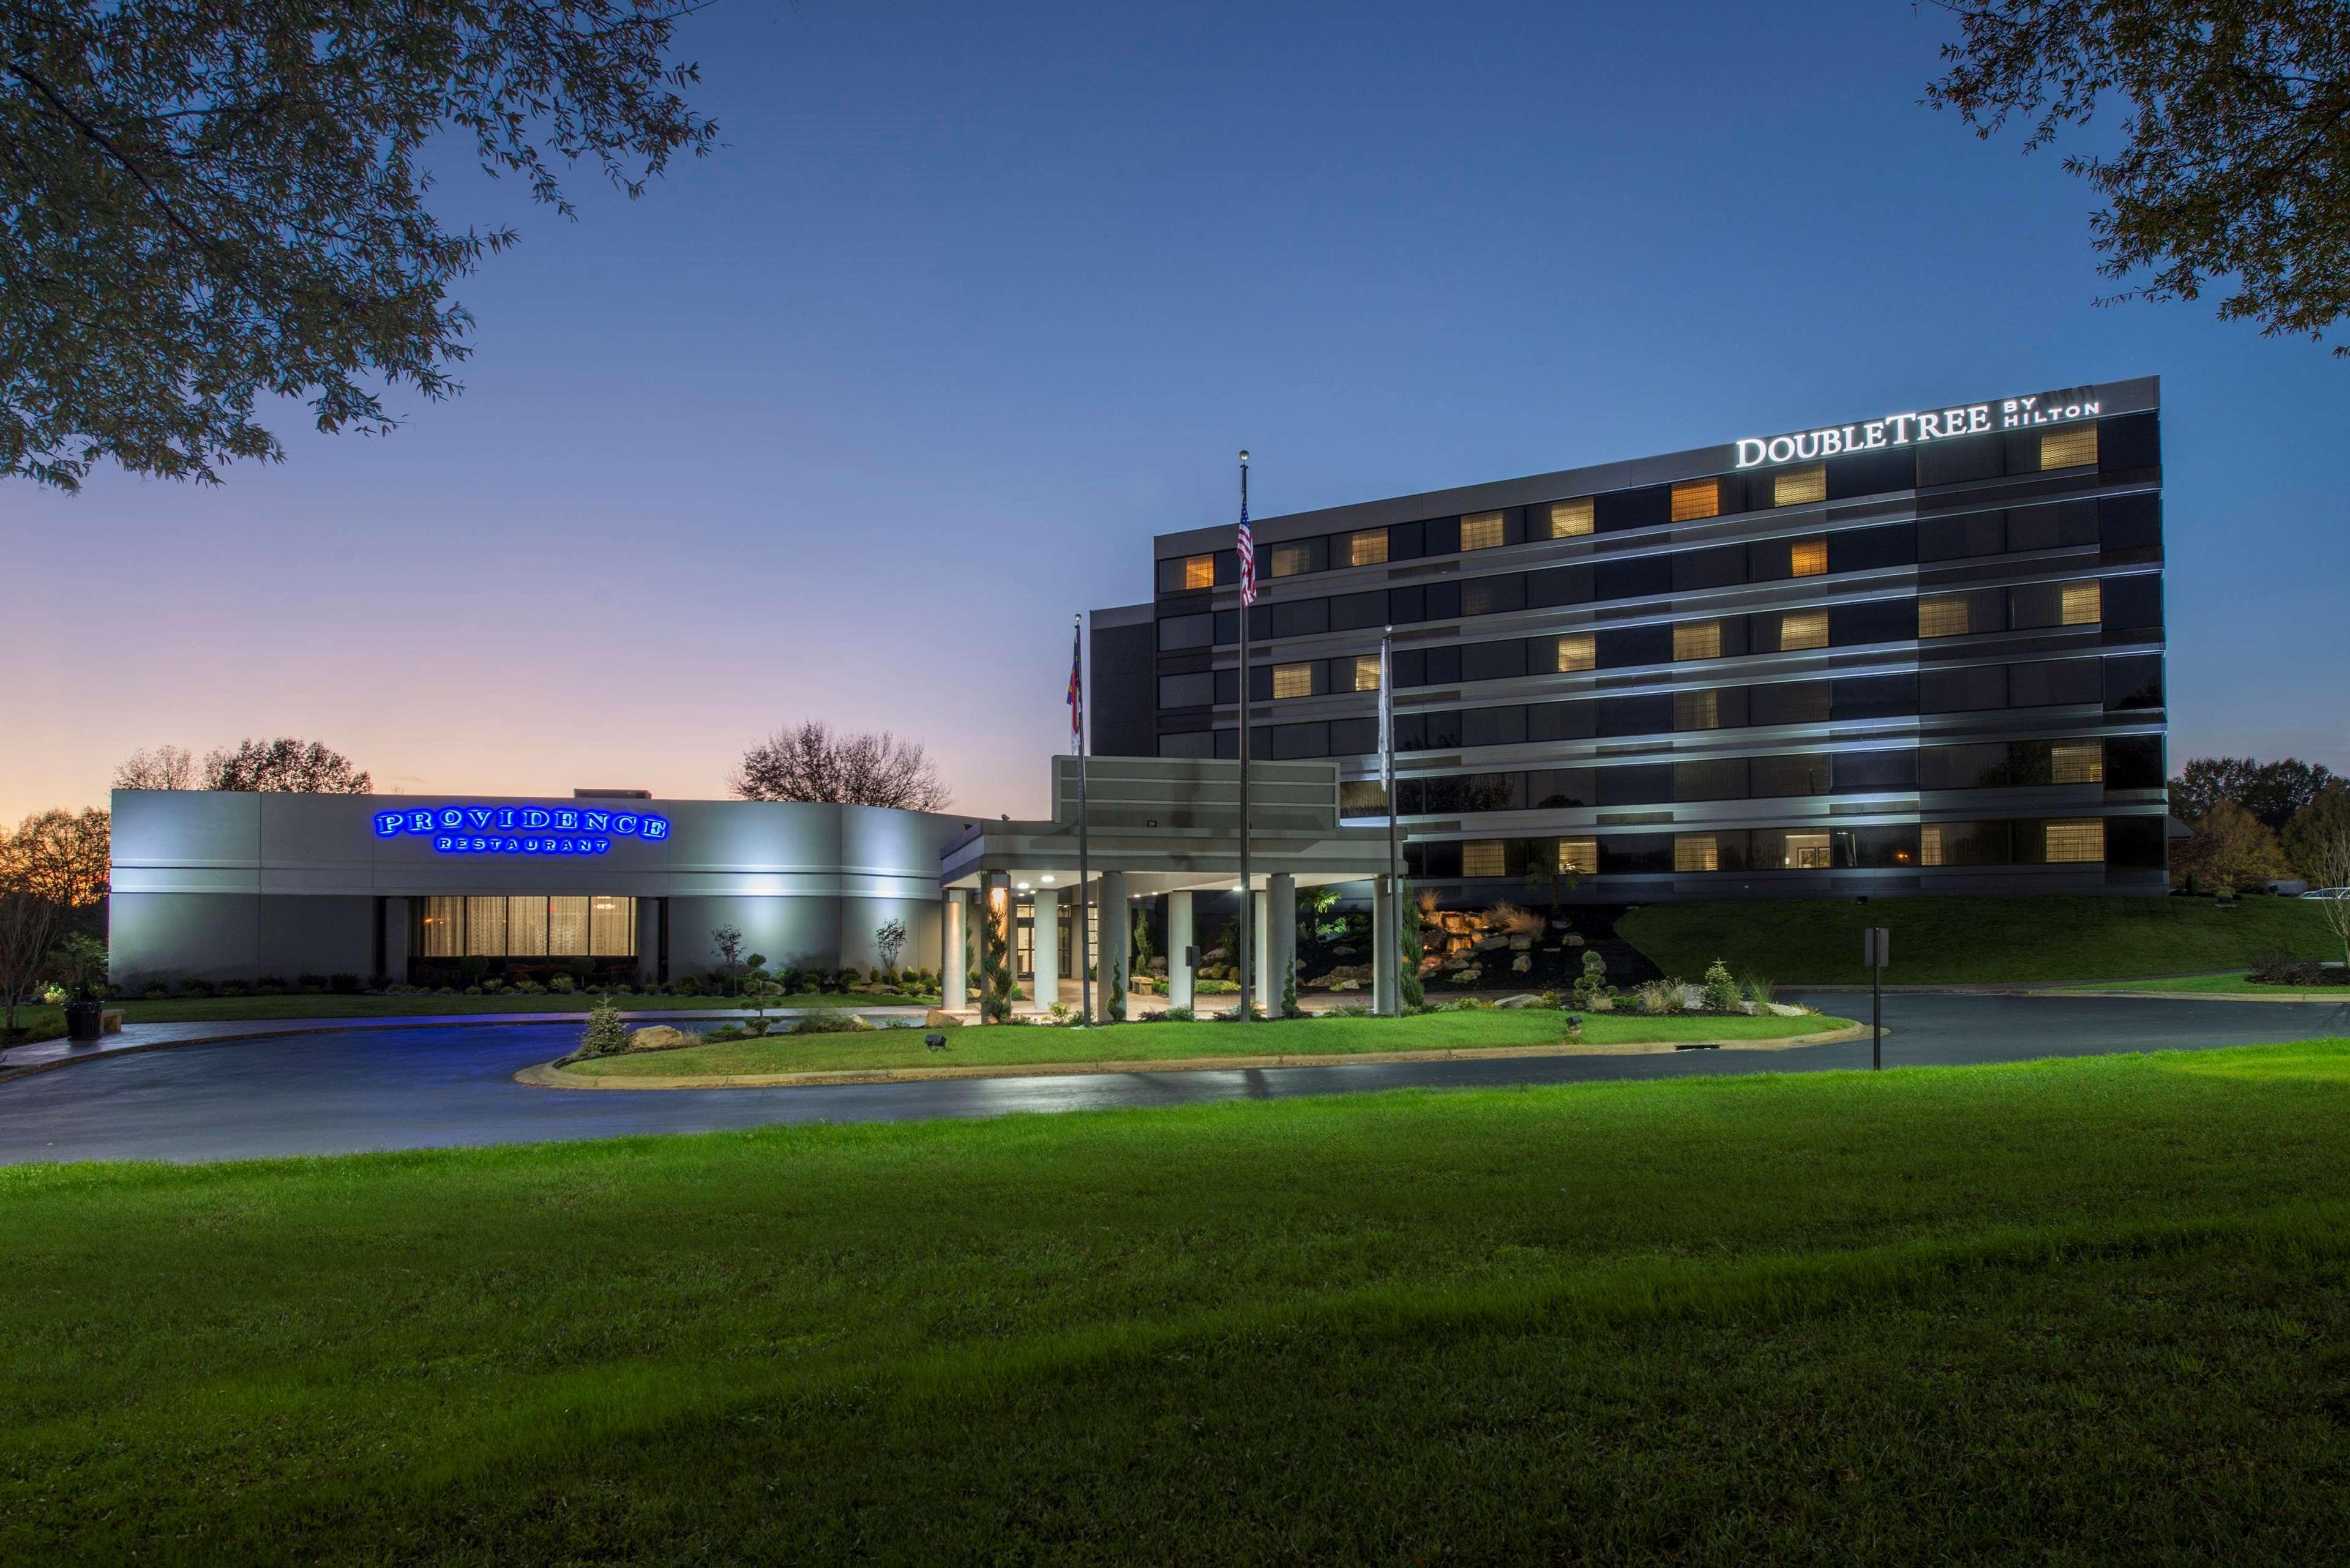 DoubleTree by Hilton Hotel Winston Salem - University image 20